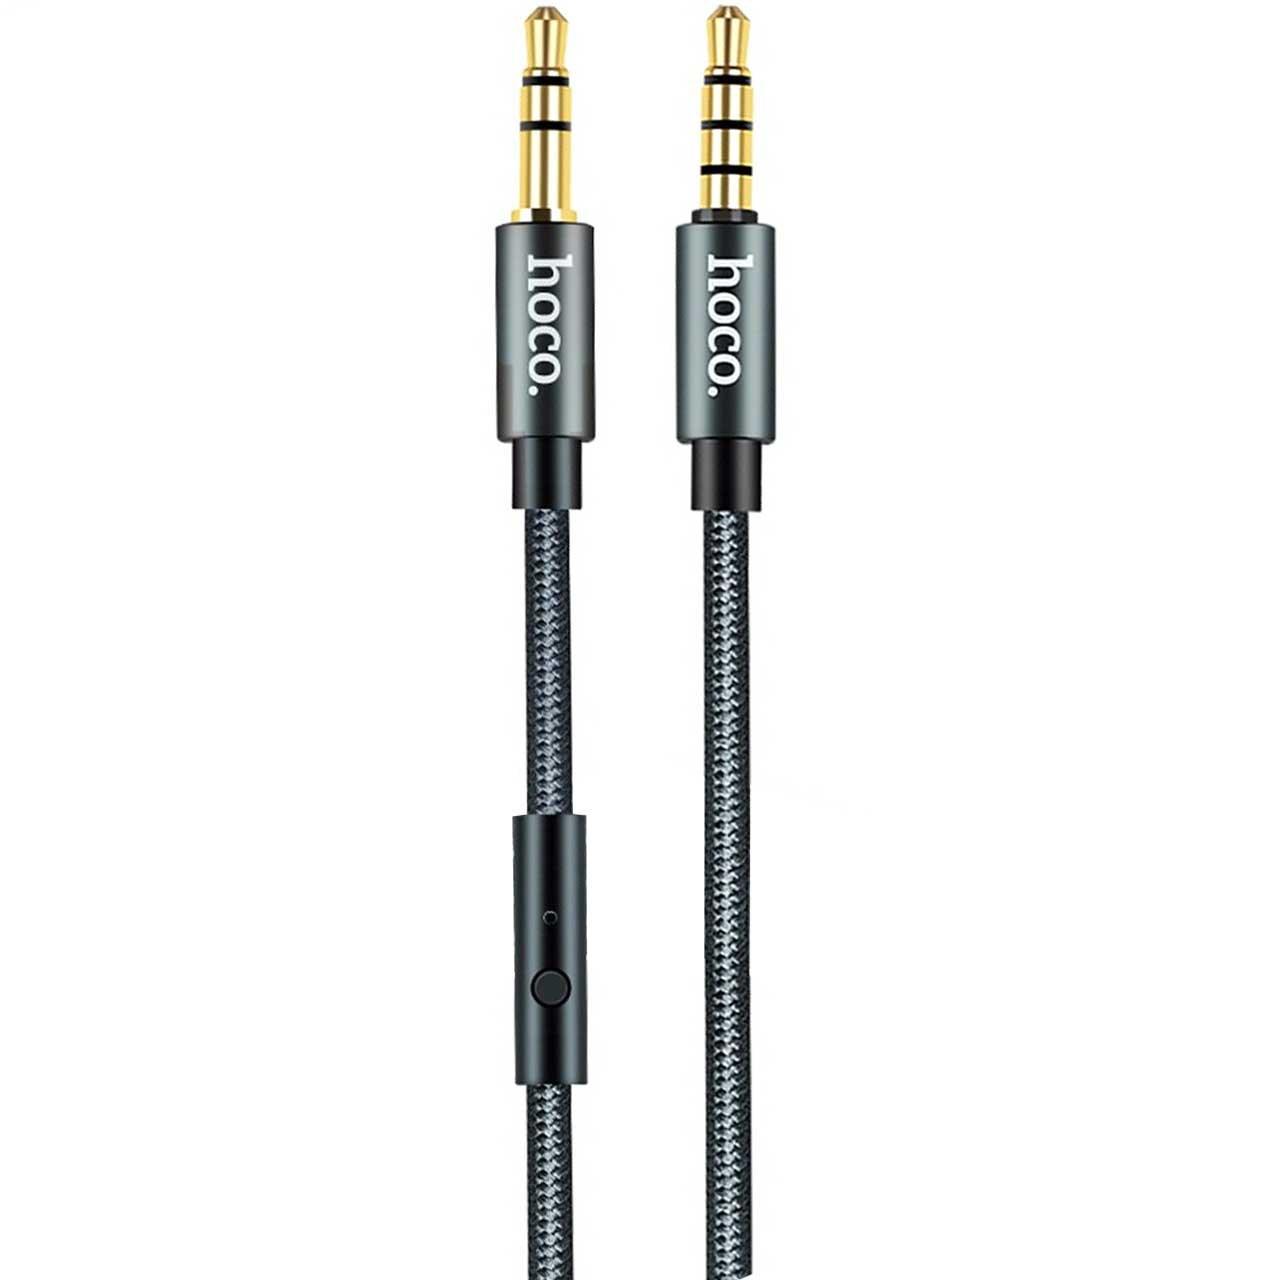 کابل انتقال صدا 3.5 میلی متری کنترل دار هوکو مدل UPA04 طول 1 متر